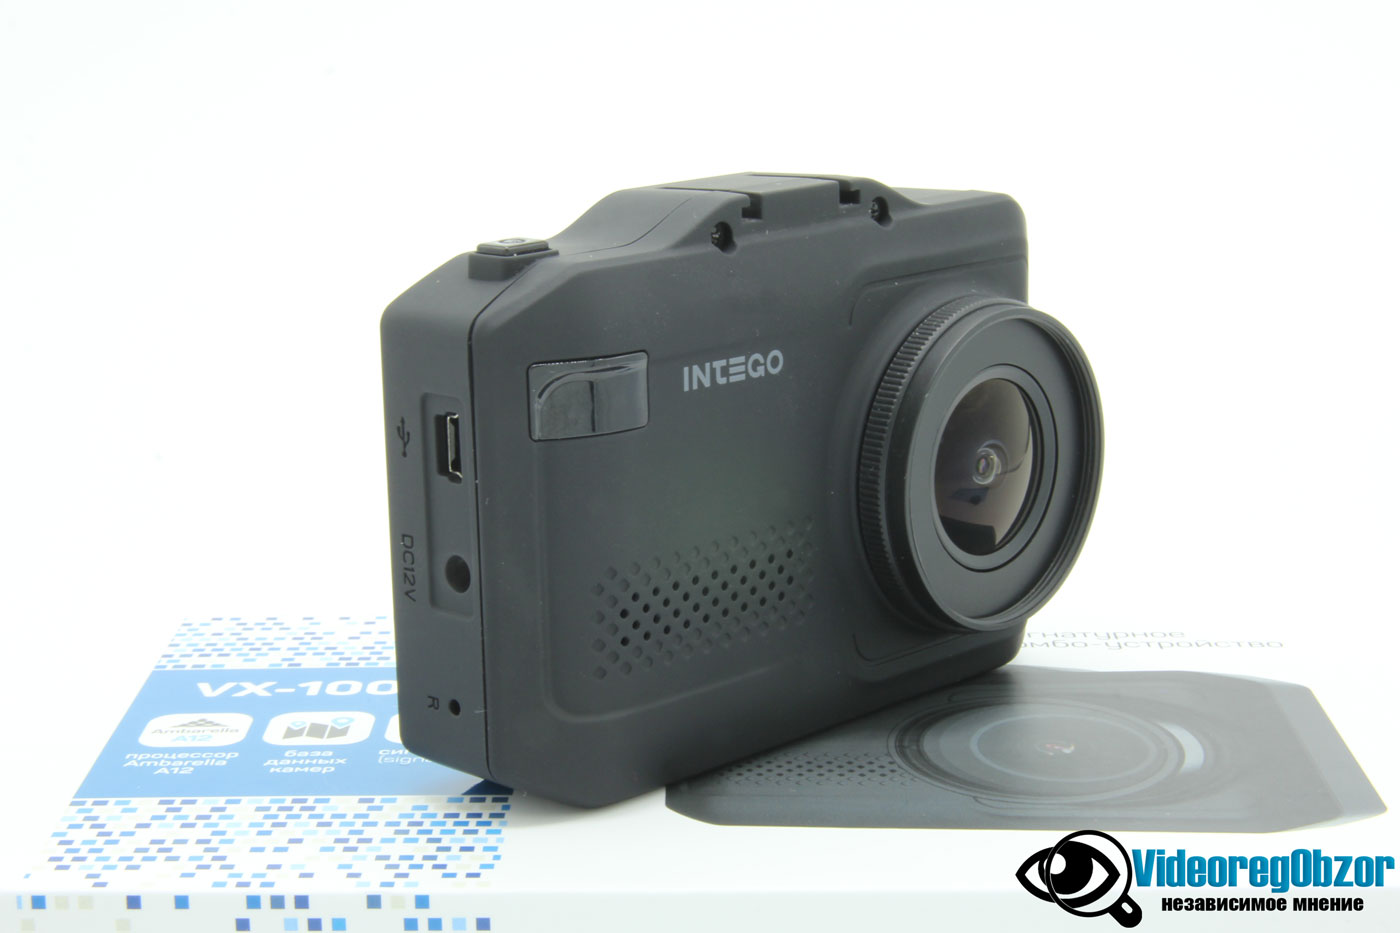 INTEGO VX 1000S 14